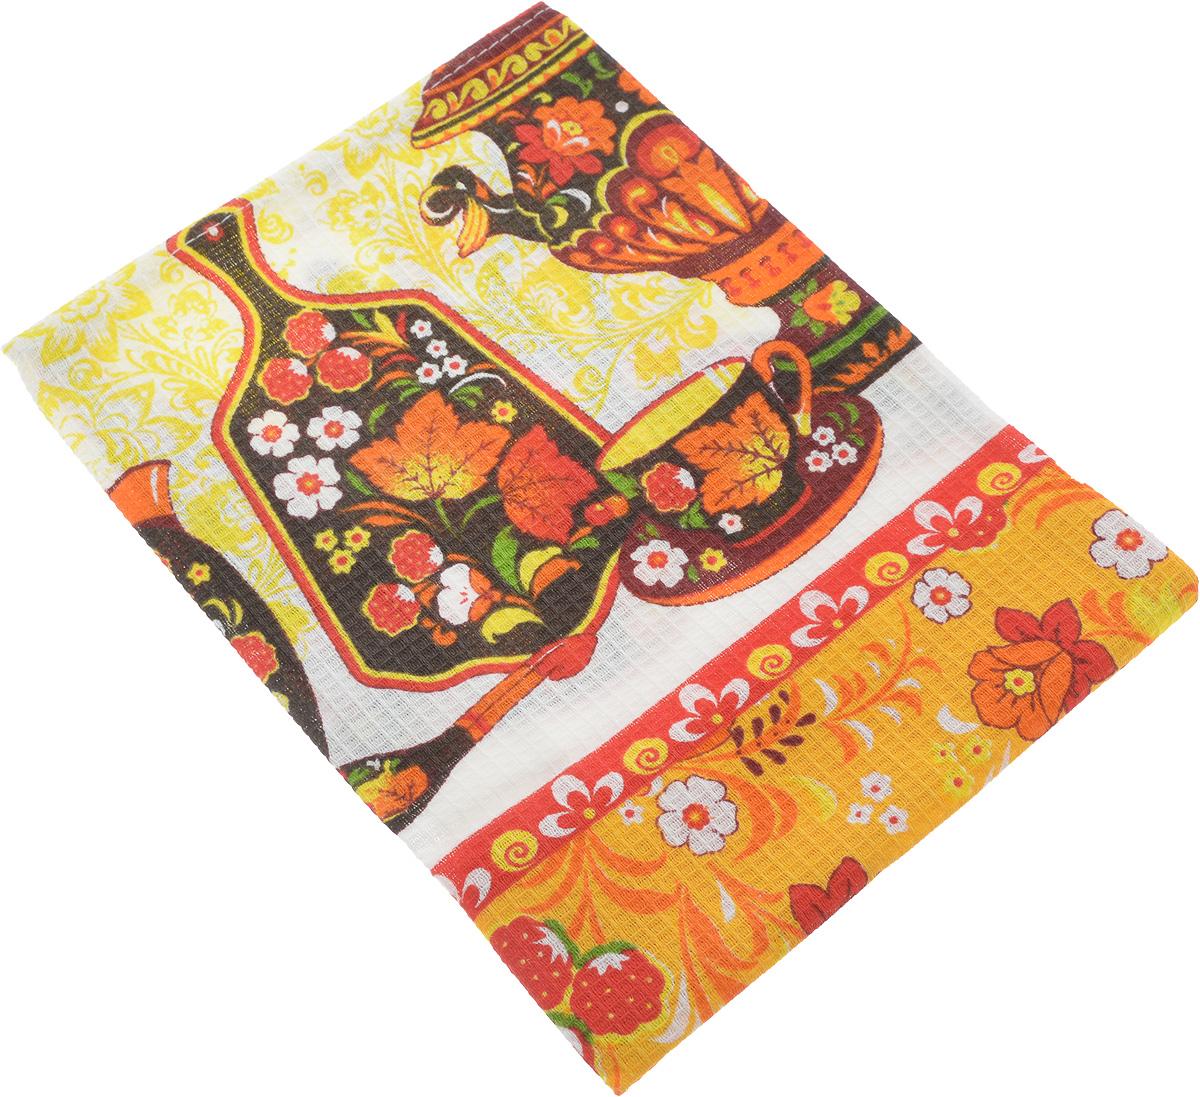 Полотенце кухонное ROKO, 60 х 30 см1004900000360Кухонное полотенце ROKO, выполненное из 100% хлопка, оформлено оригинальным принтом. Изделие предназначено для использования на кухне и в столовой. Оно отлично впитывает влагу, быстро сохнет, сохраняет яркость цвета и не теряет форму даже после многократных стирок. Такое полотенце станет отличным вариантом для практичной и современной хозяйки.